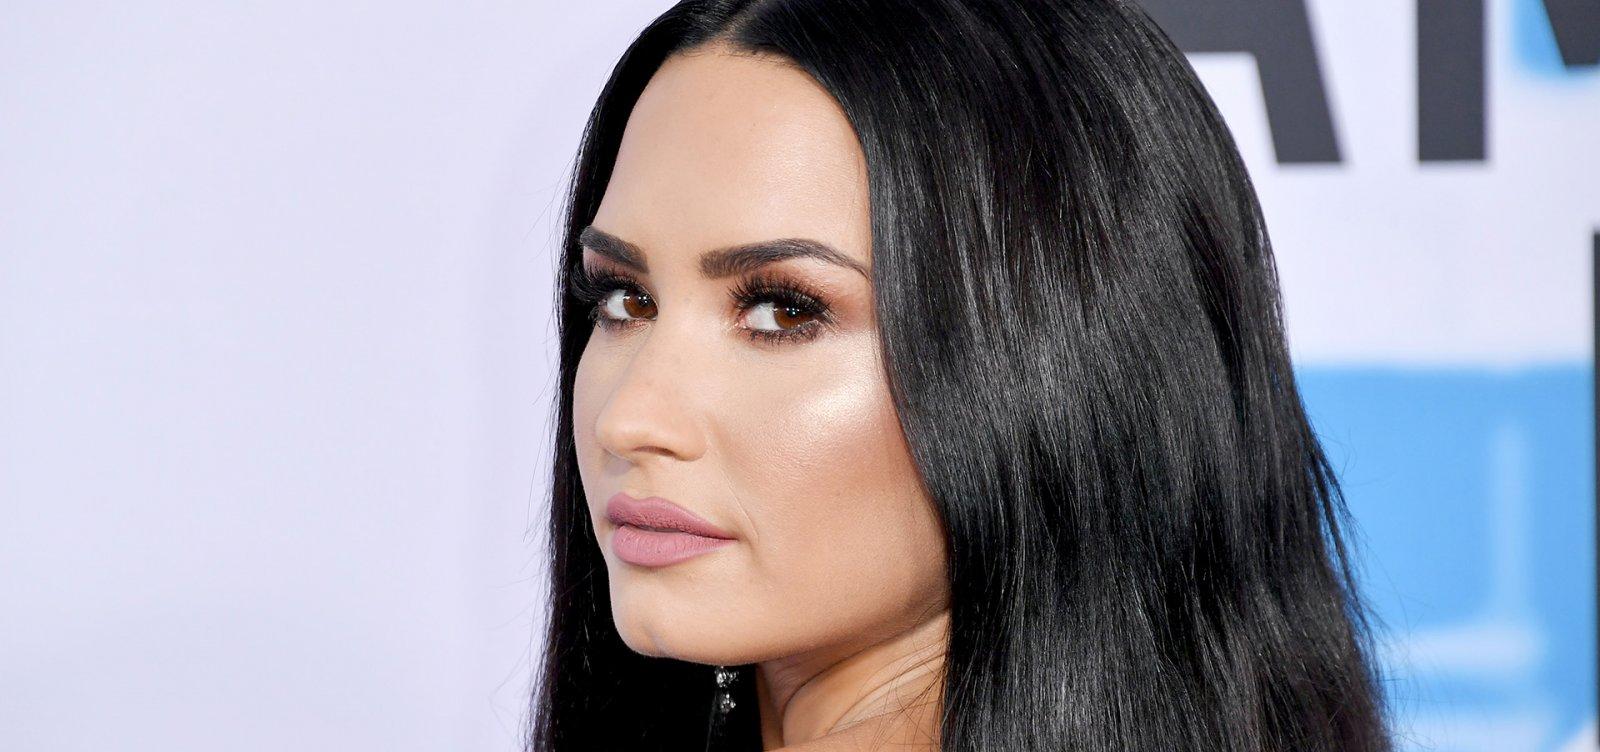 Demi Lovato vota e volta às redes sociais após deixar clínica de reabilitação